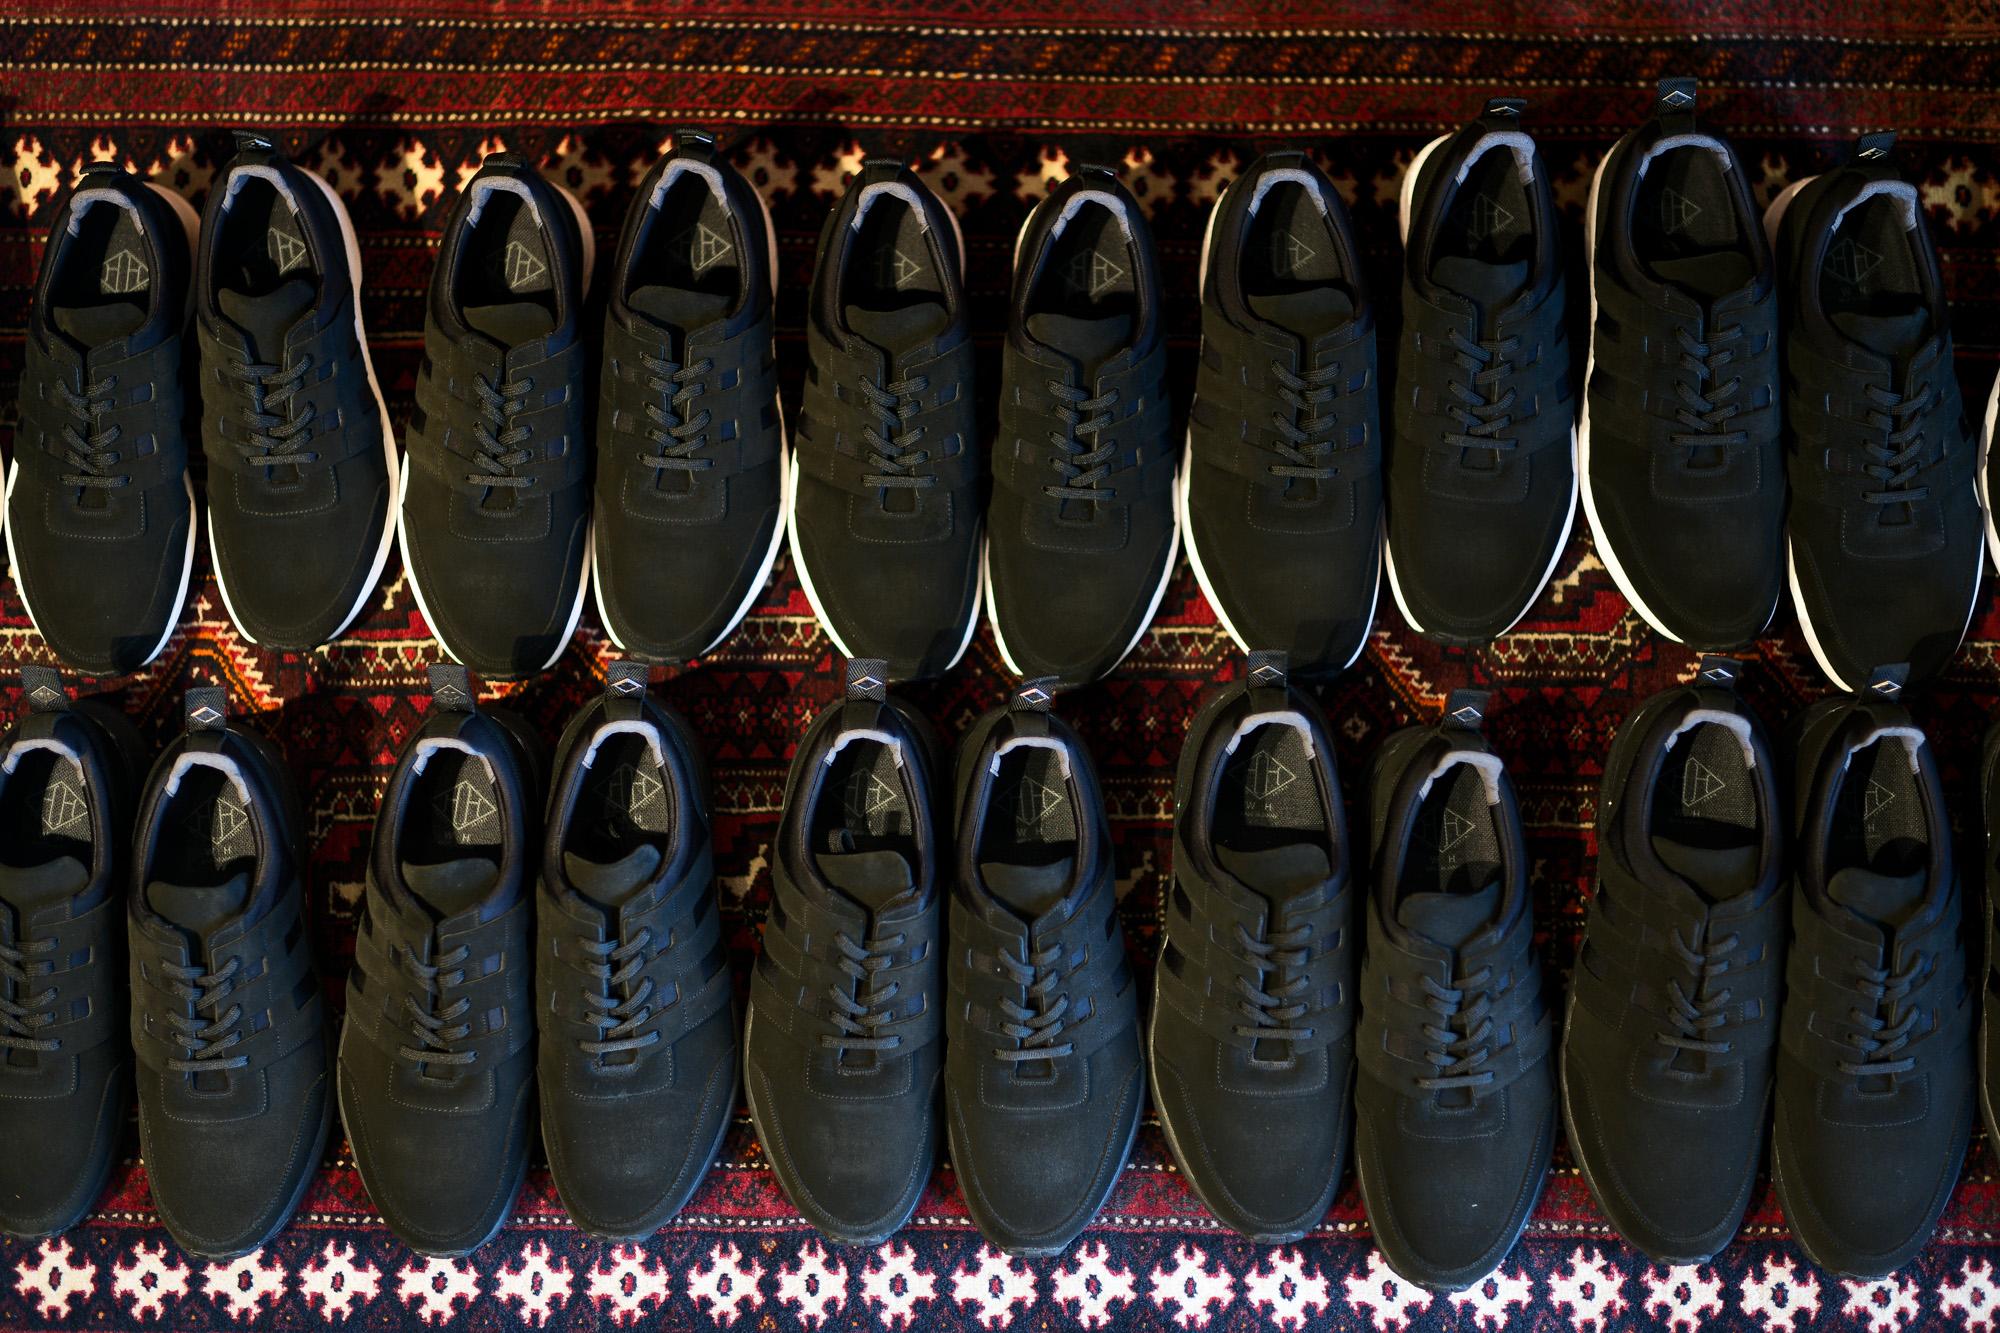 WH (ダブルエイチ) WH-0111S Faster Last(ファスターラスト) Suede Leather スエードレザー スニーカー BLACK×BLACK (ブラック×ブラック) MADE IN JAPAN (日本製) 2020春夏新作【Alto e Diritto 別注】【限定スエードモデル】 愛知 名古屋 alto e diritto altoediritto アルトエデリット